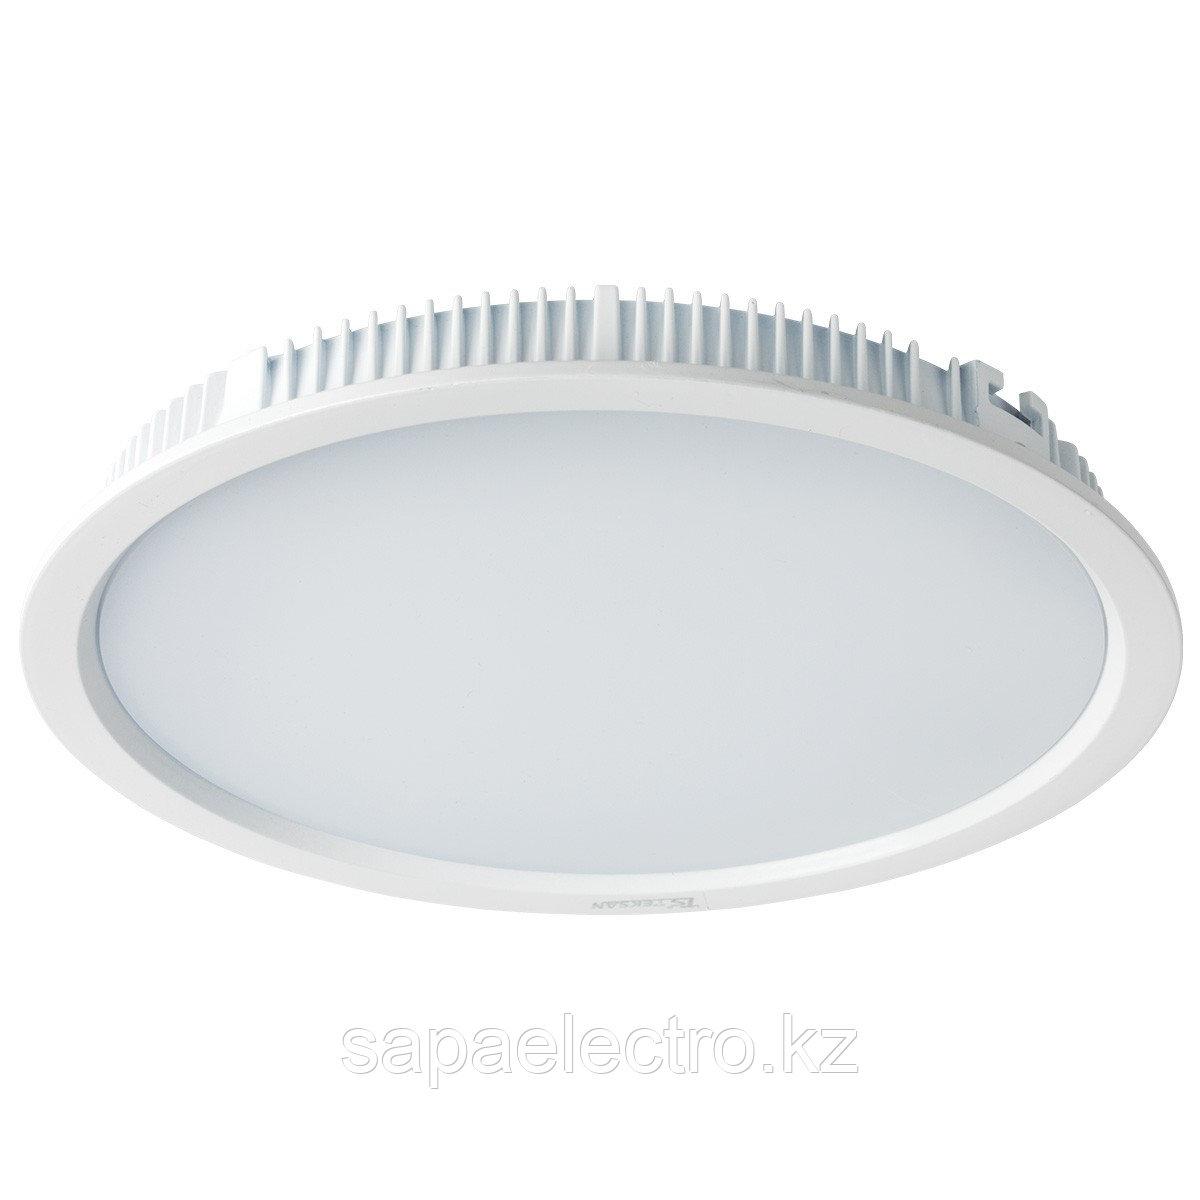 Свет-к LED RD PANEL 30W 3000K WHITE (TEKSAN) 20шт